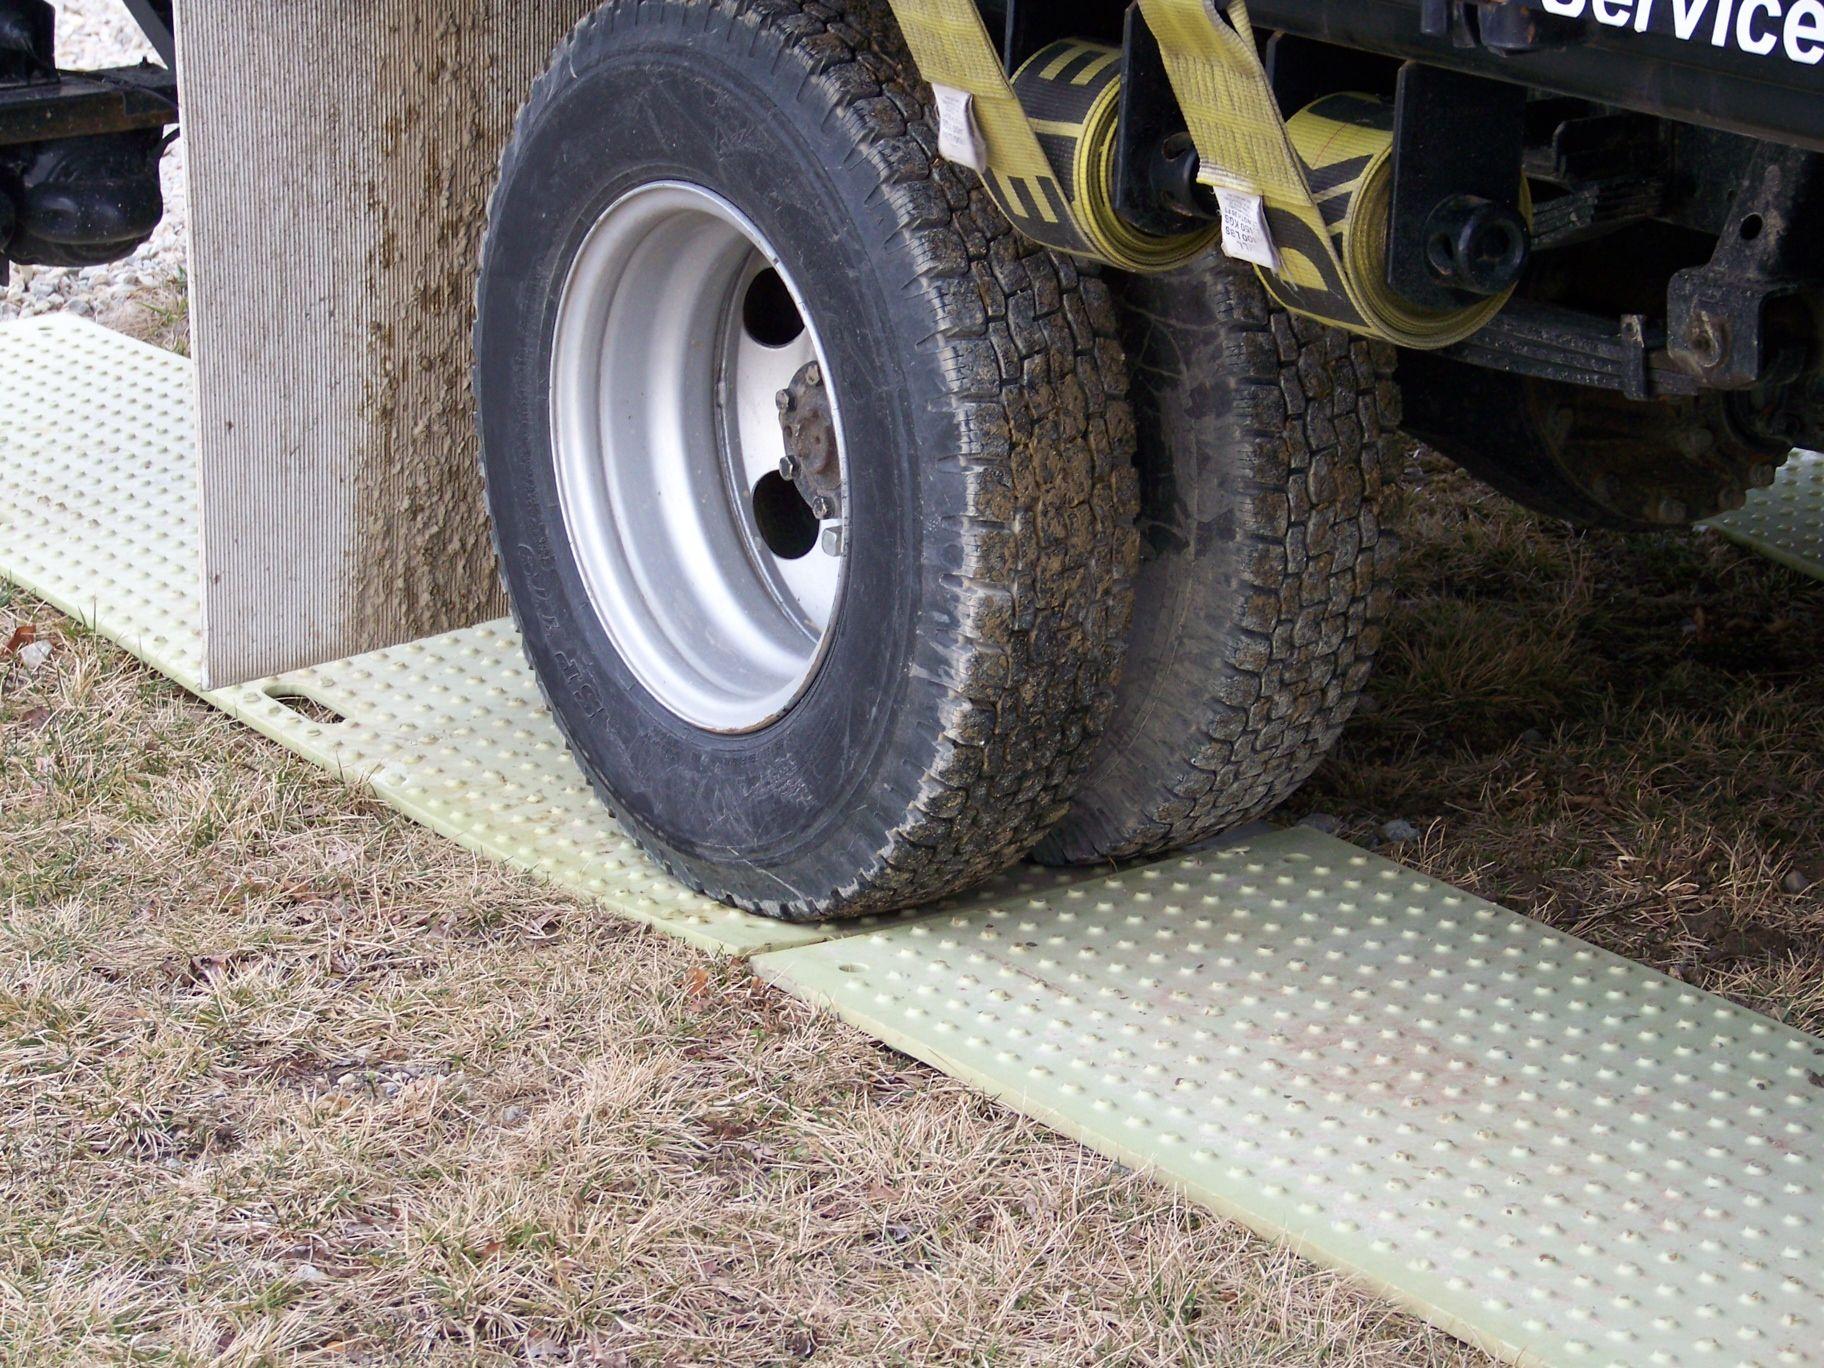 Prevent turf damage use trakmats trakmats go great